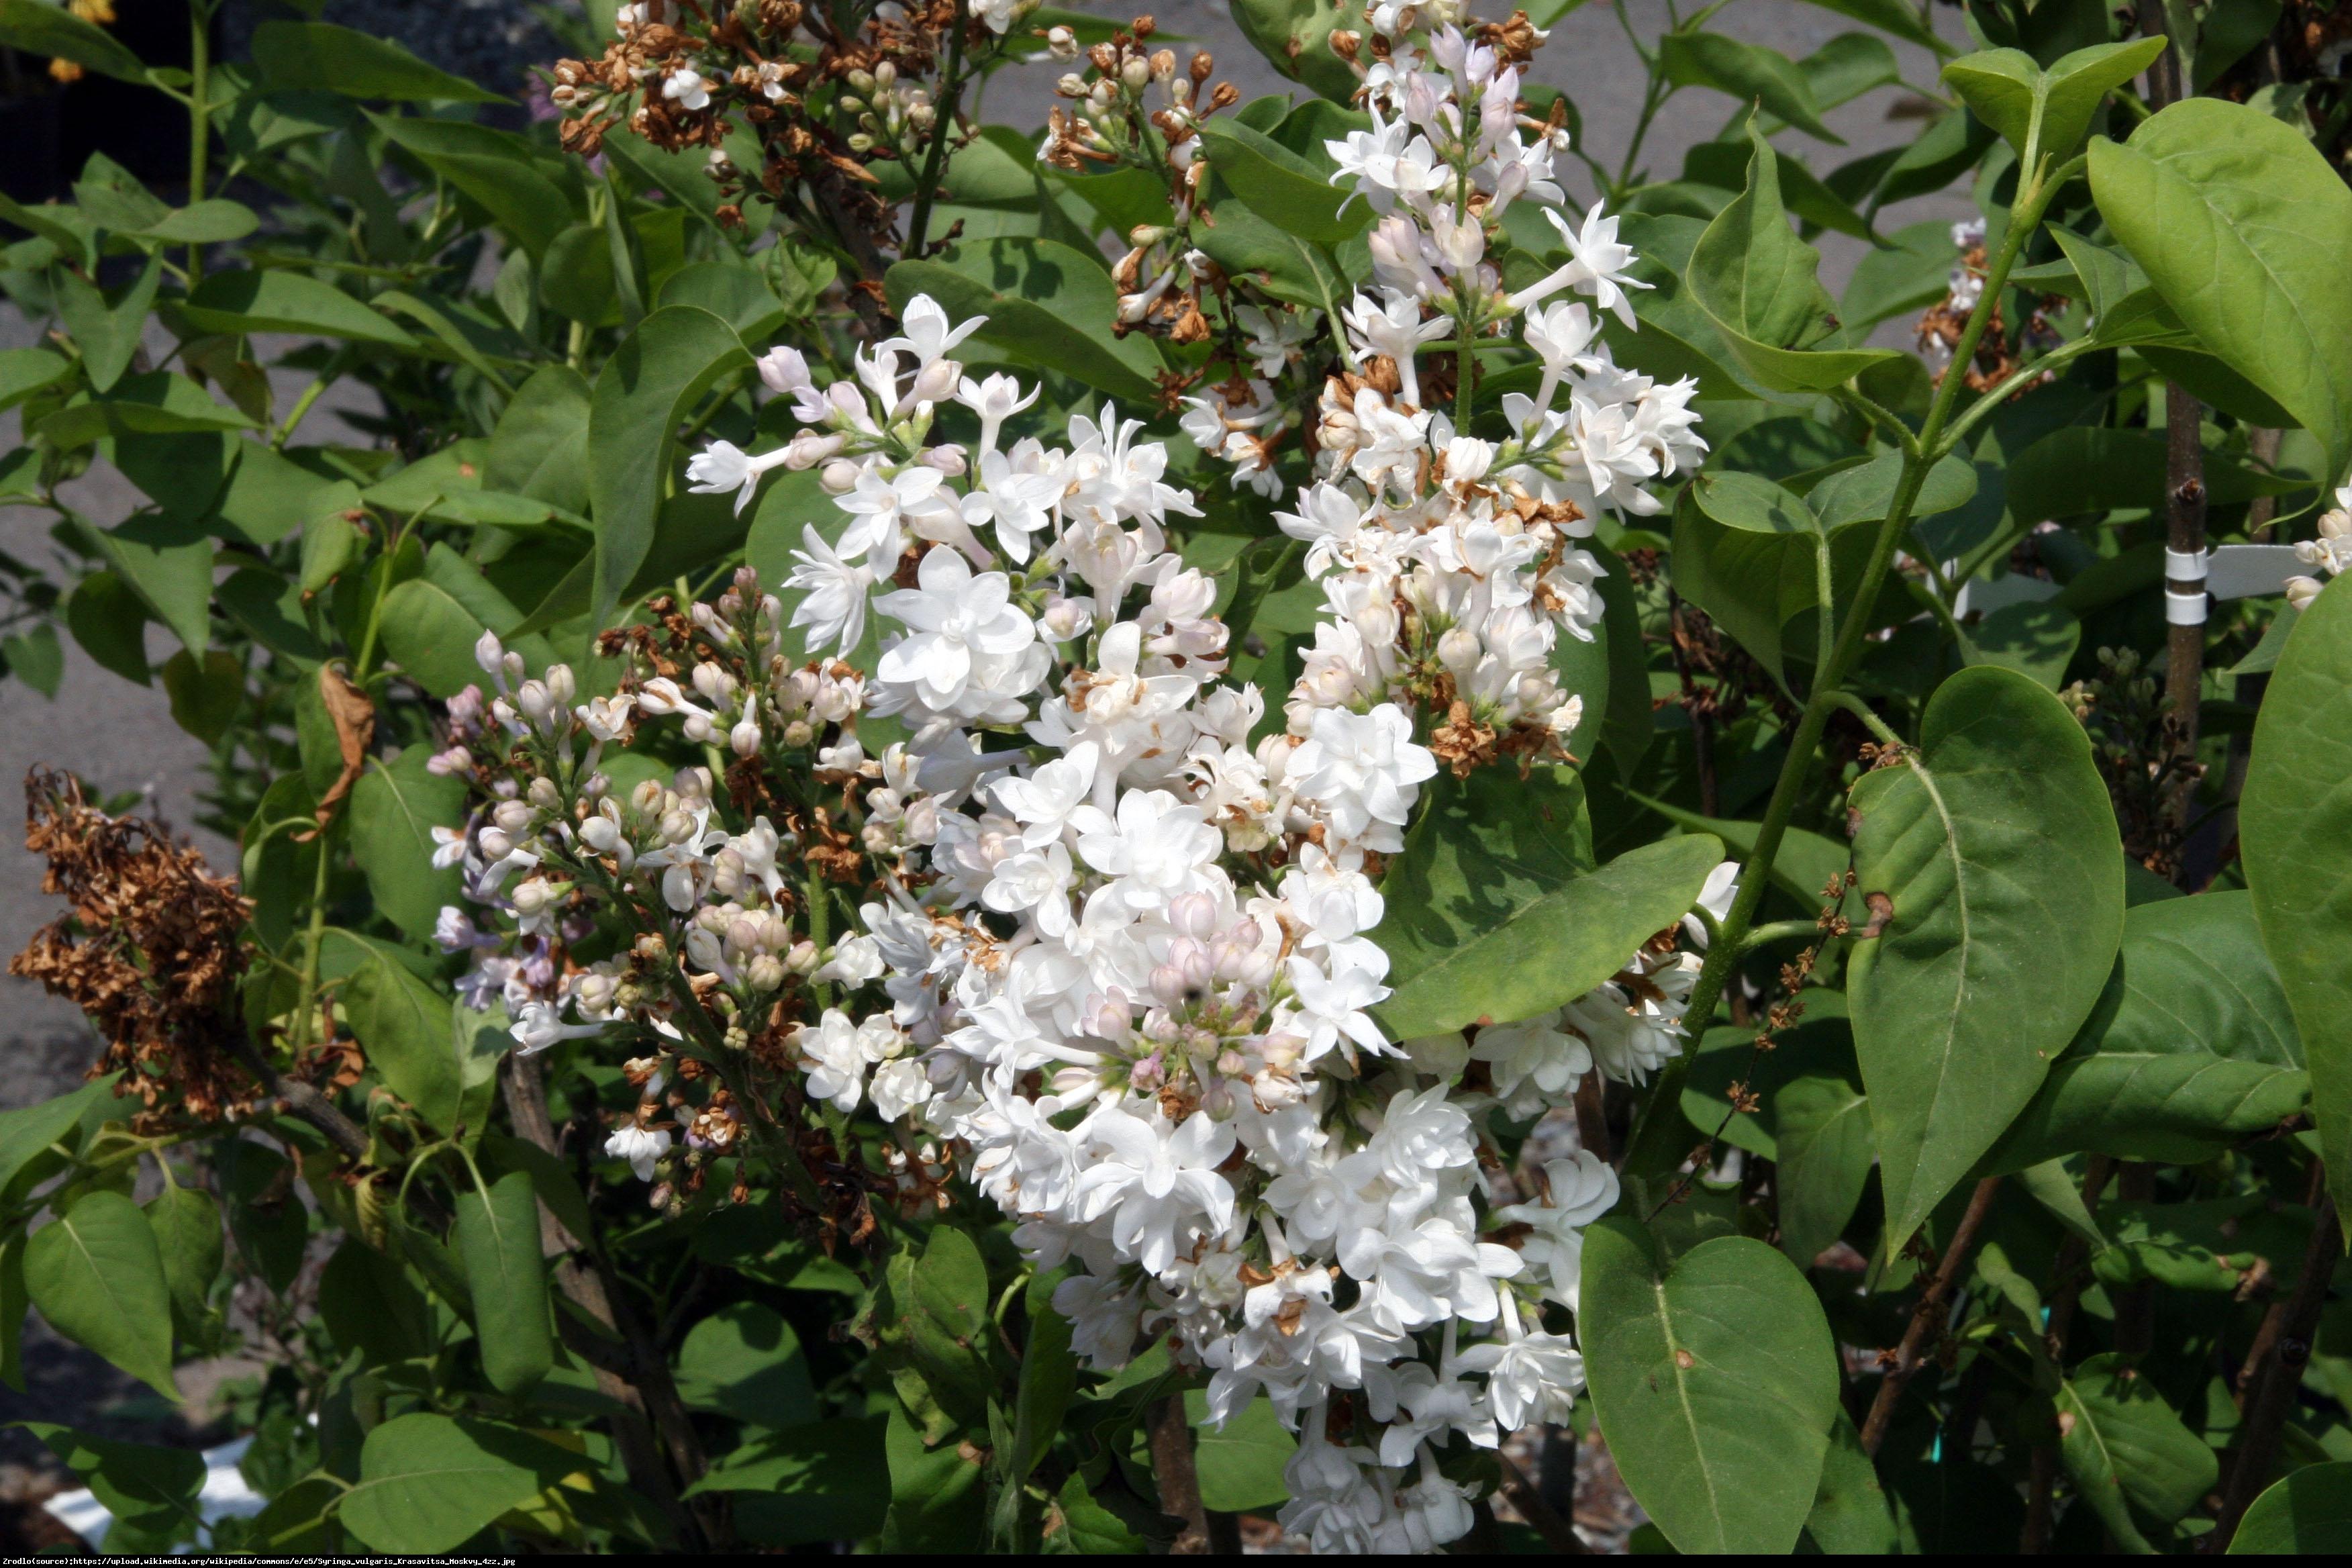 Lilak pospolity Krasavitsa Moskvy - Syringa vulgaris Krasavitsa Moskvy